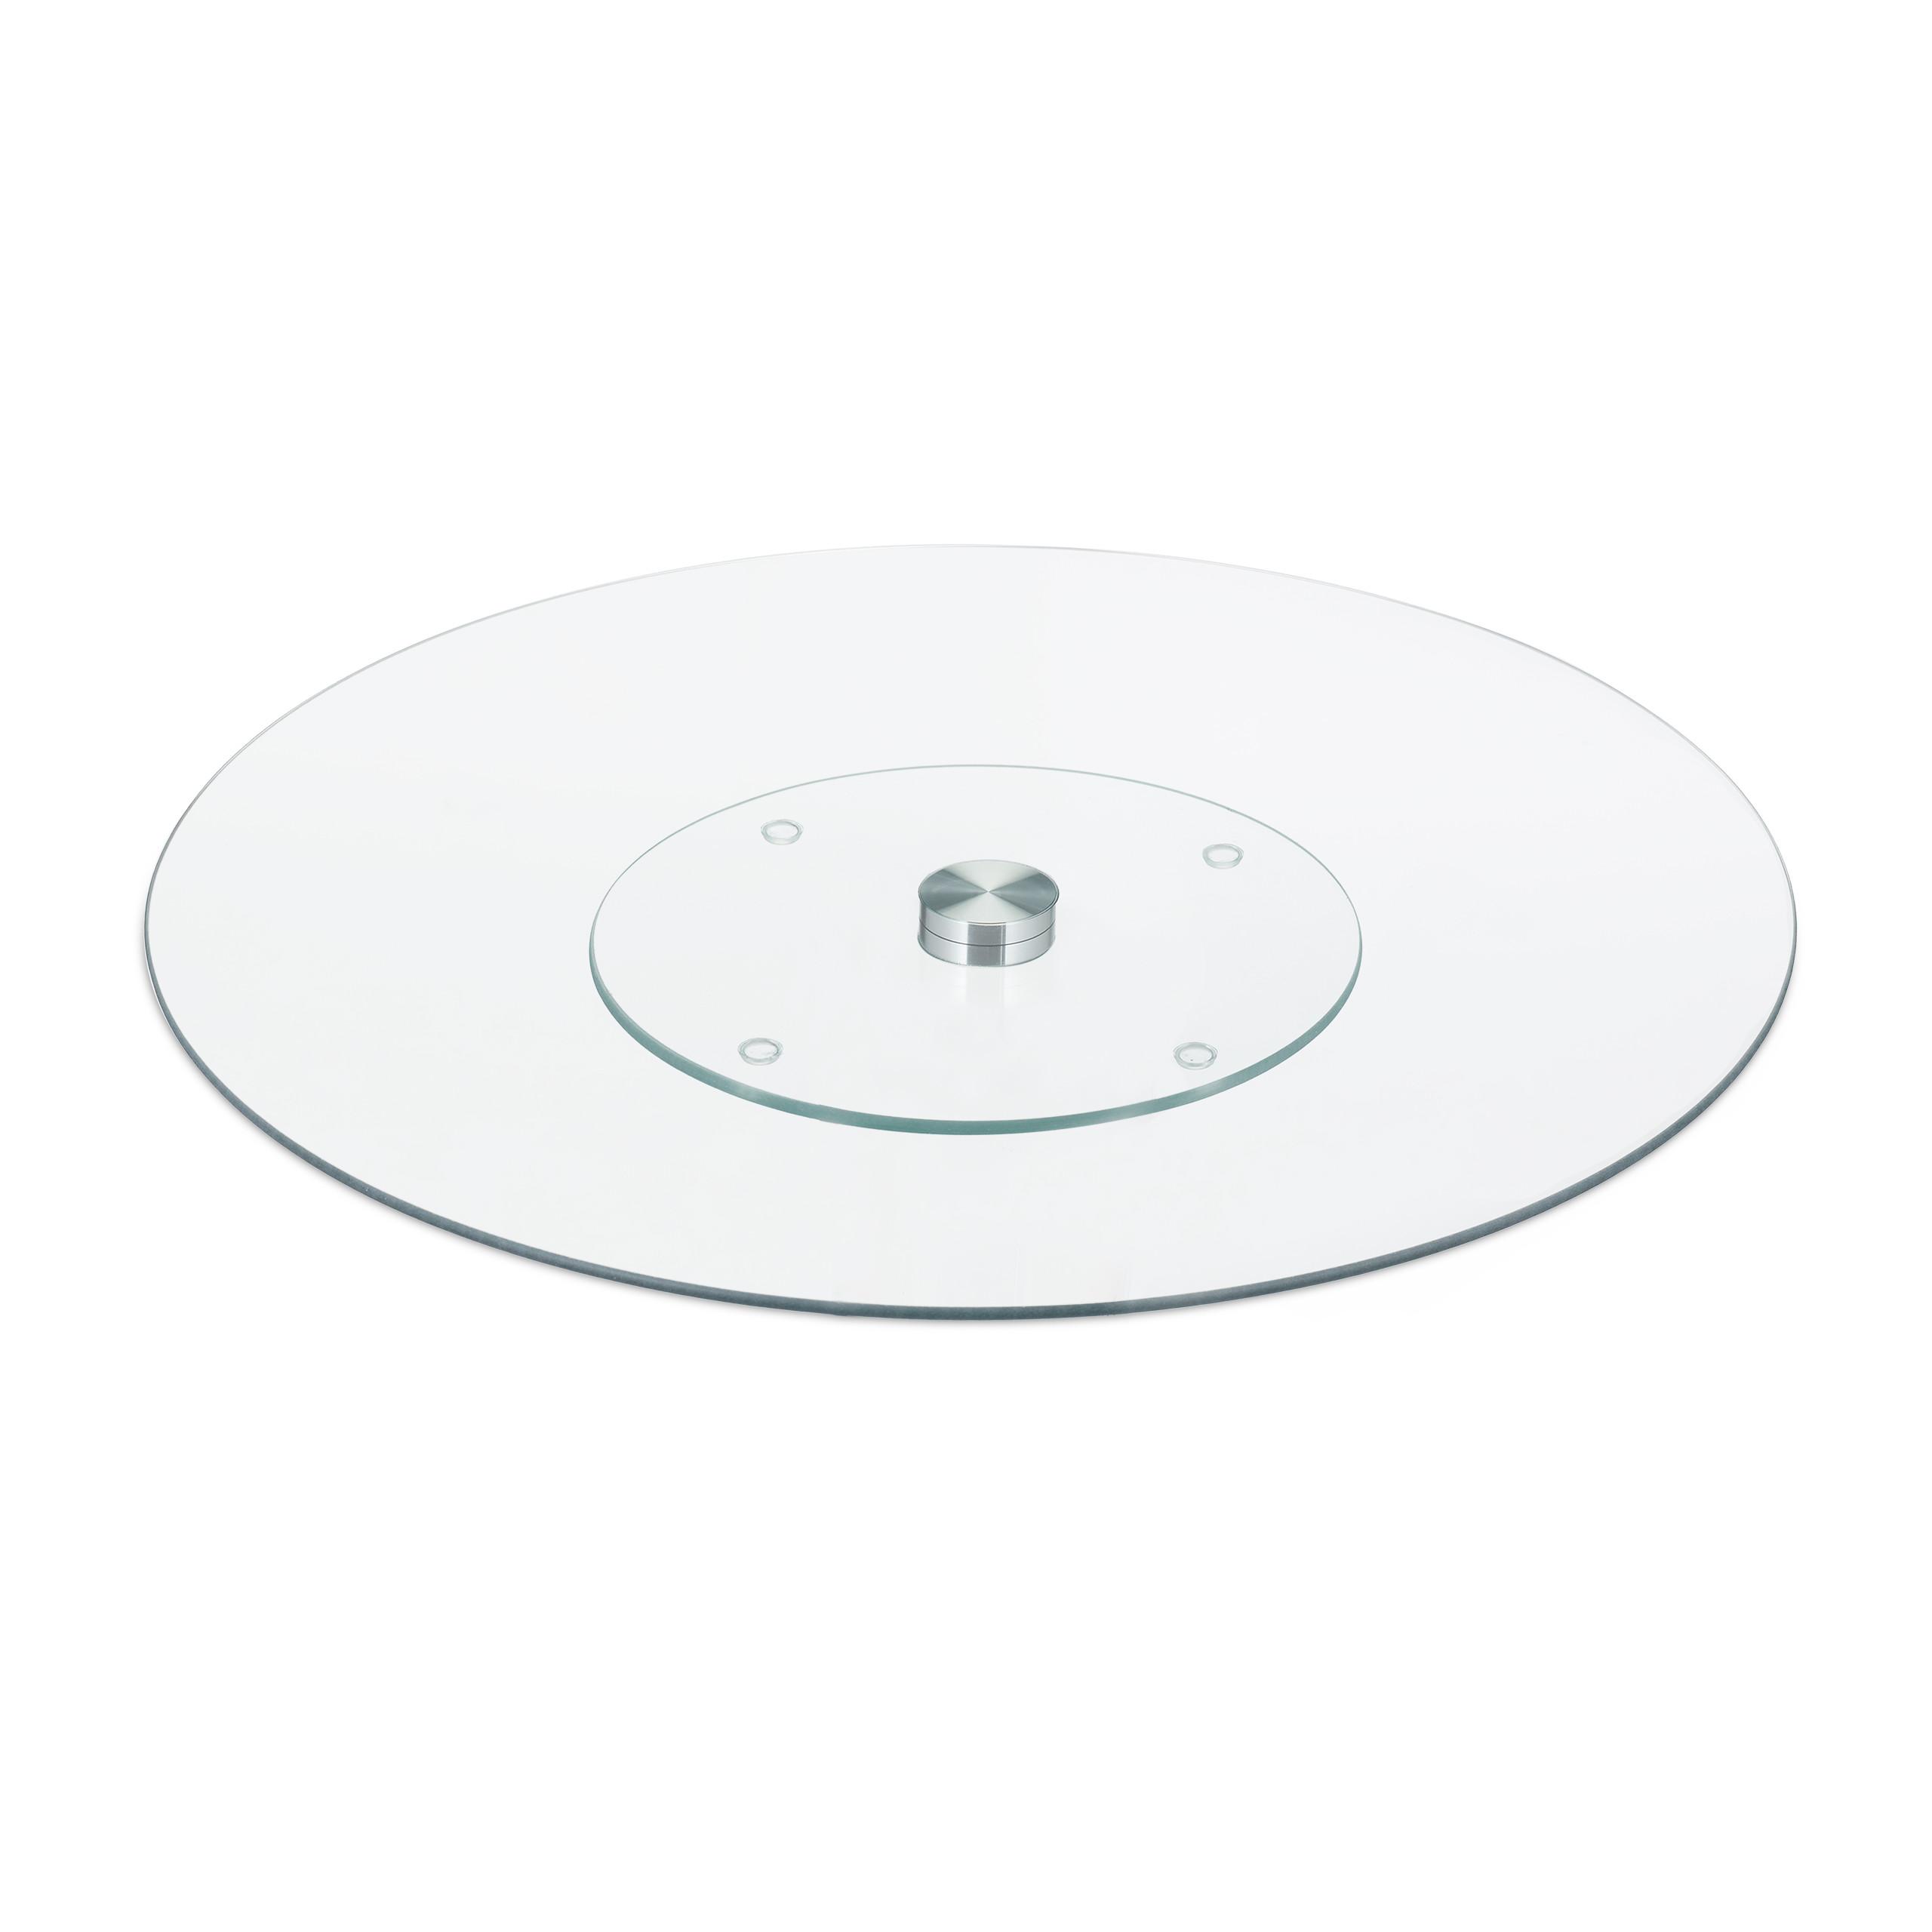 Servierplatte-Tortenplatte-Kuchenplatte-Glas-Drehteller-Kaeseplatte-drehbar-rund Indexbild 8